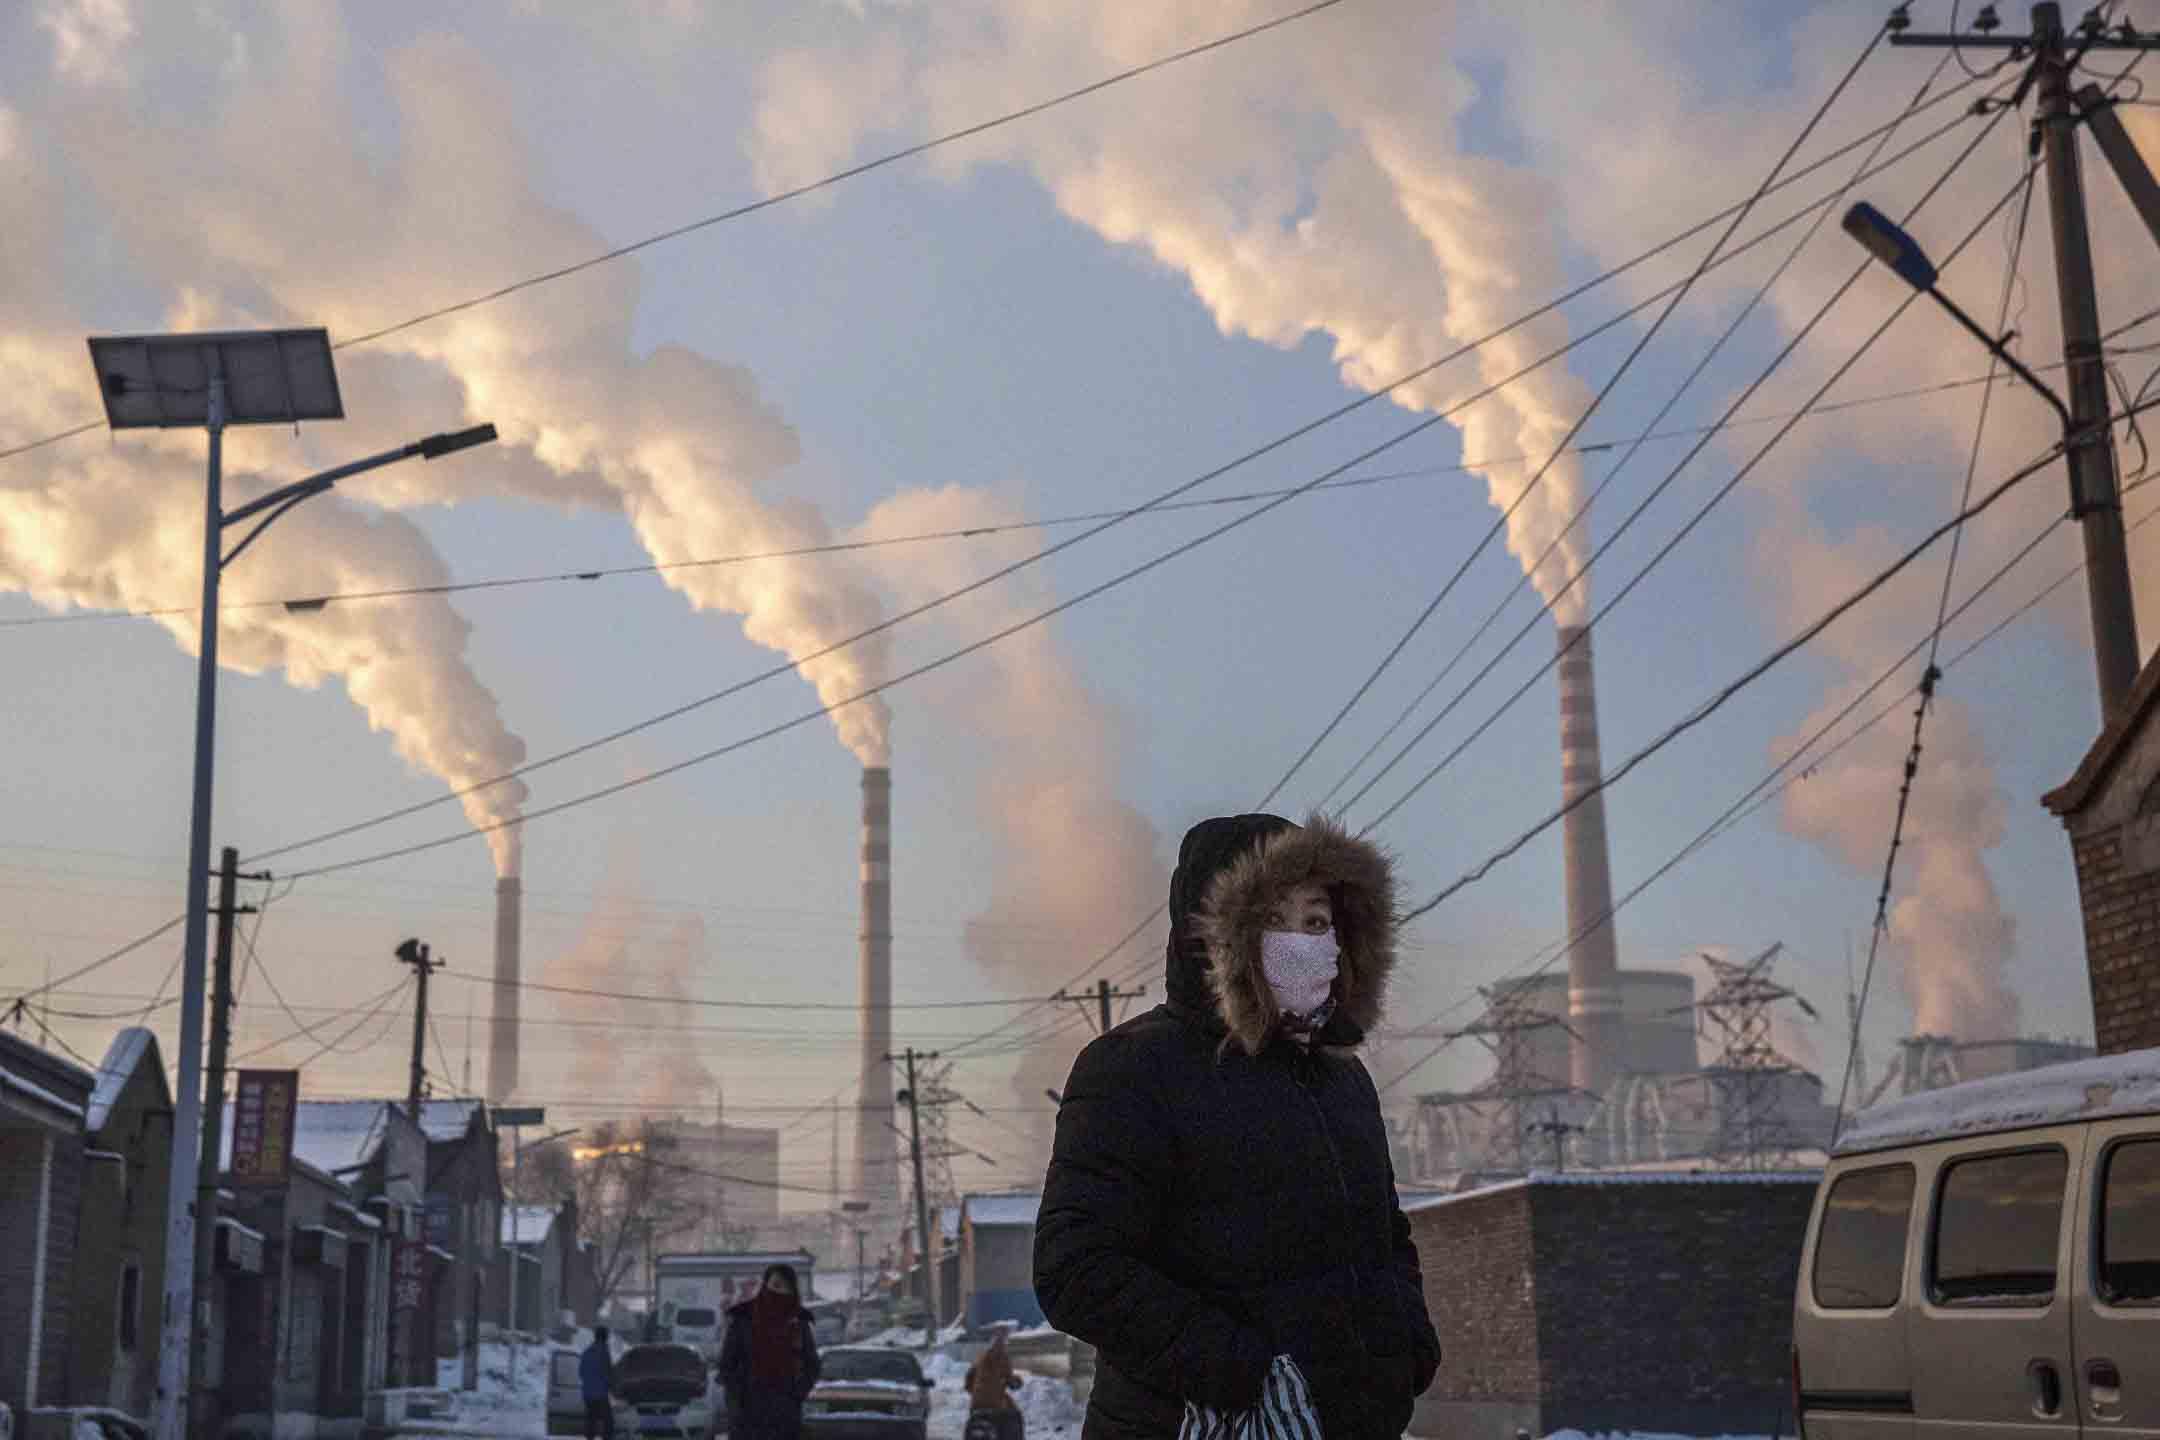 2015年11月26日中國山西,一名戴著口罩的中國婦女走在燃煤電廠附近的街道。